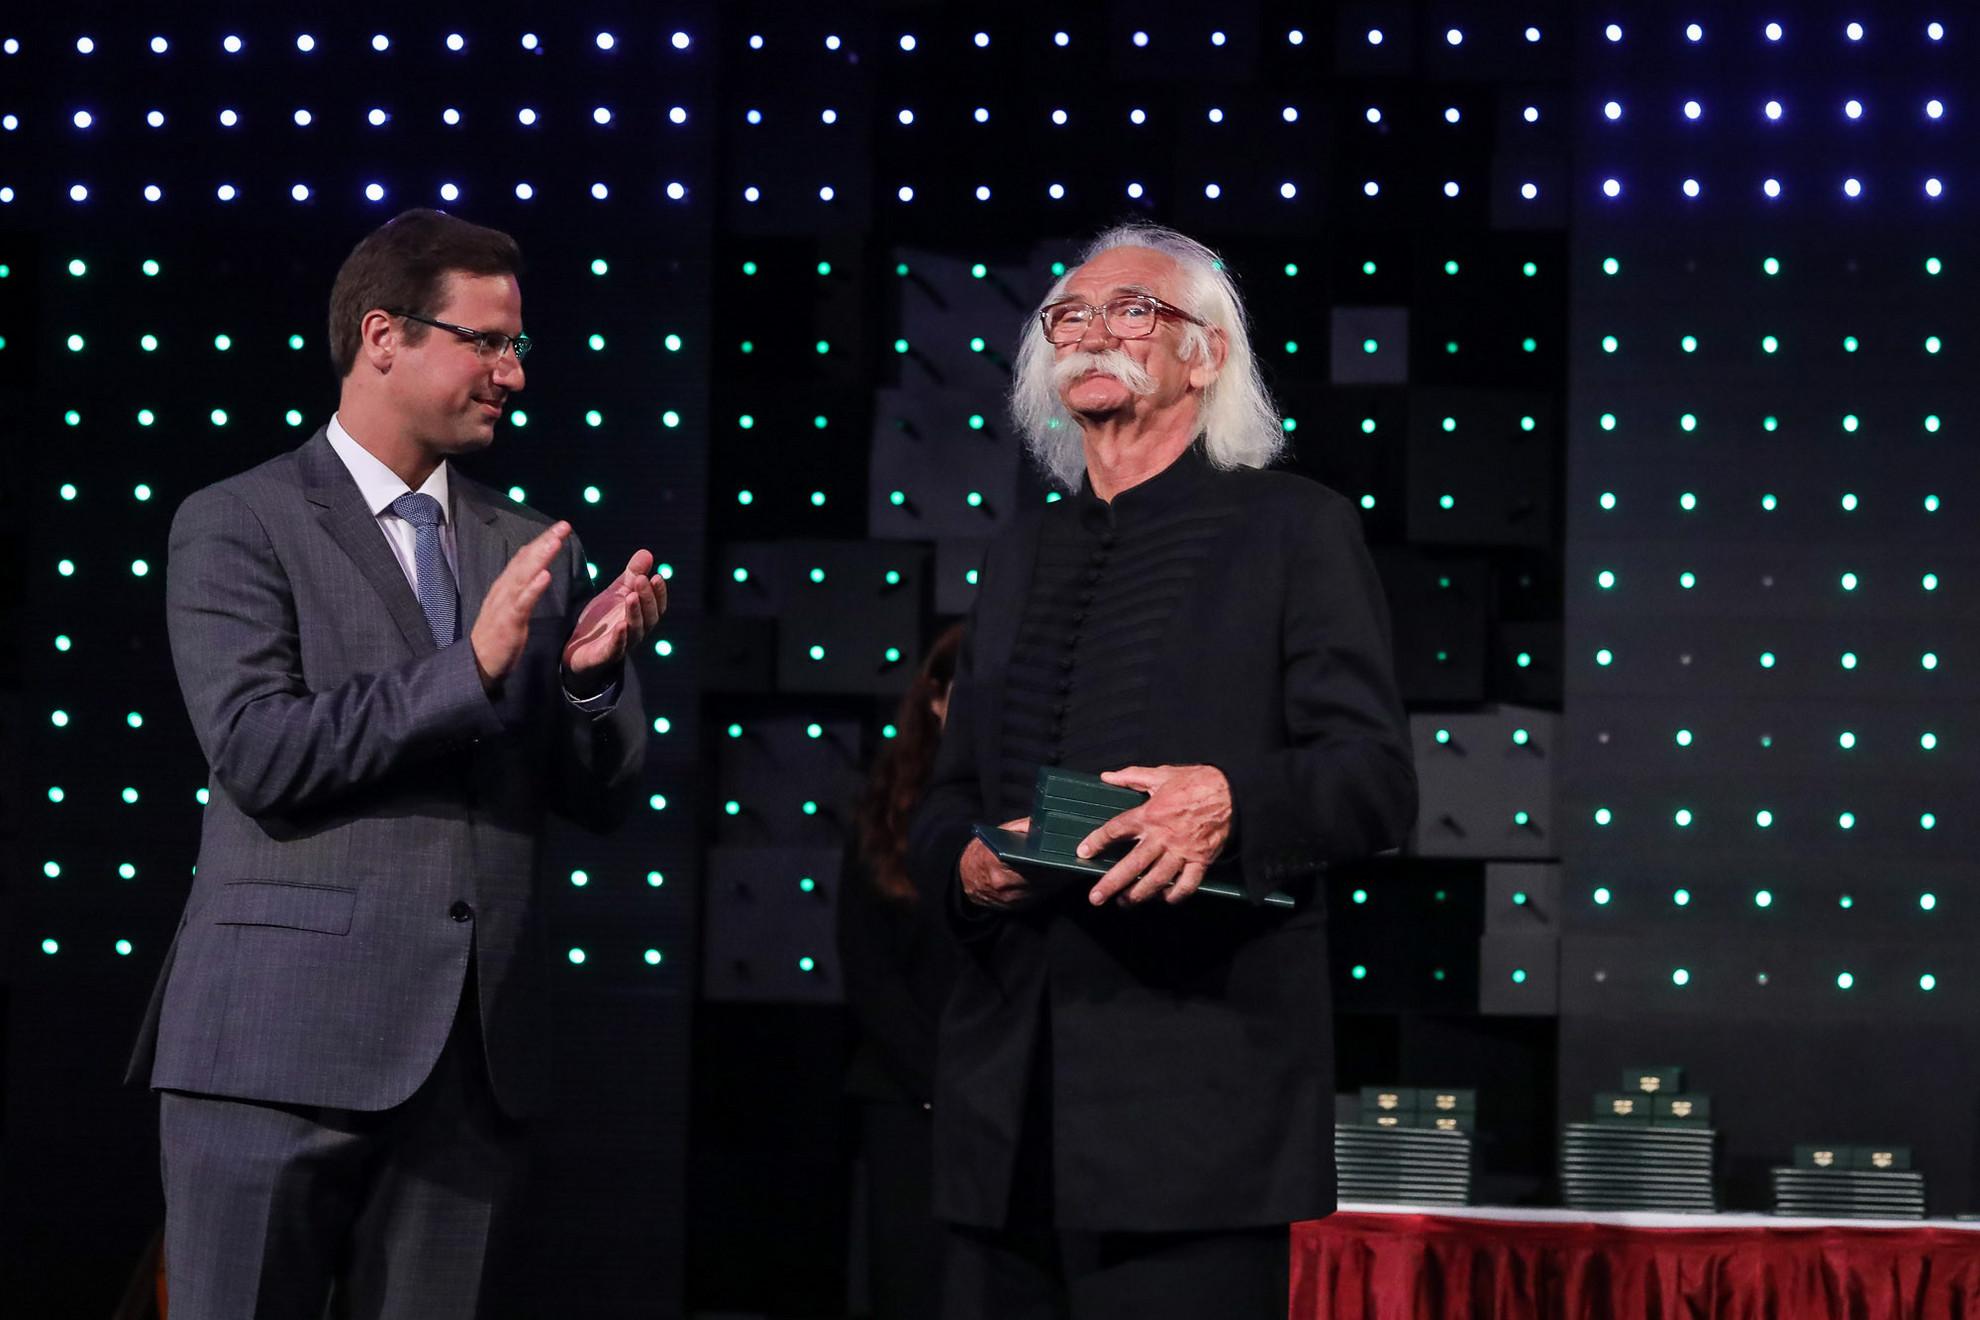 Állami kitüntetést kapott Tolcsvay Béla Kossuth-díjas gitáros, zeneszerző